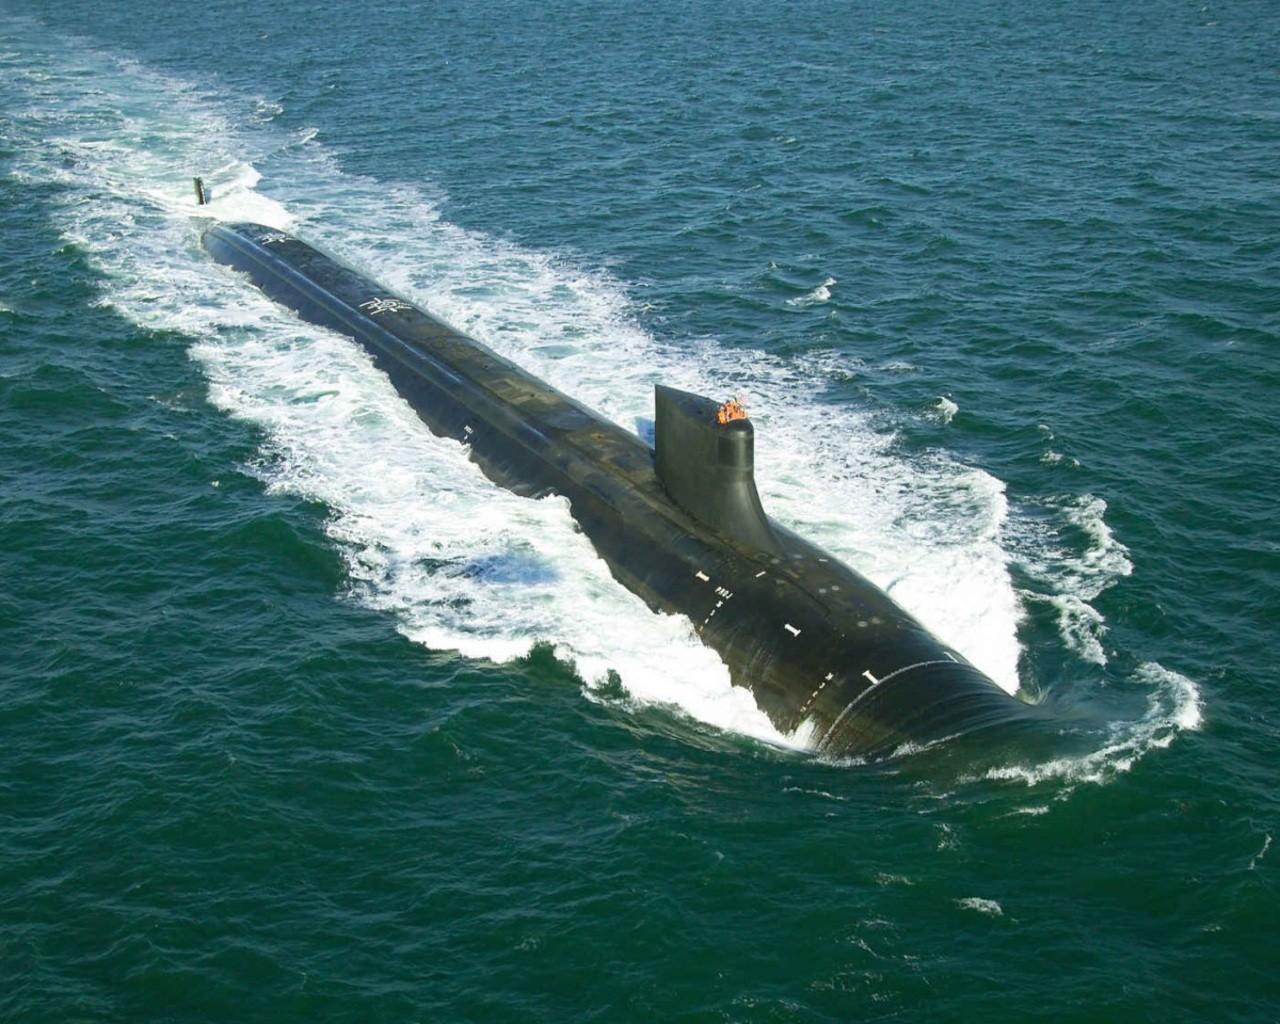 для сублимационной фото военных кораблей подводных лодок на смартфон некоторыми сокращениями